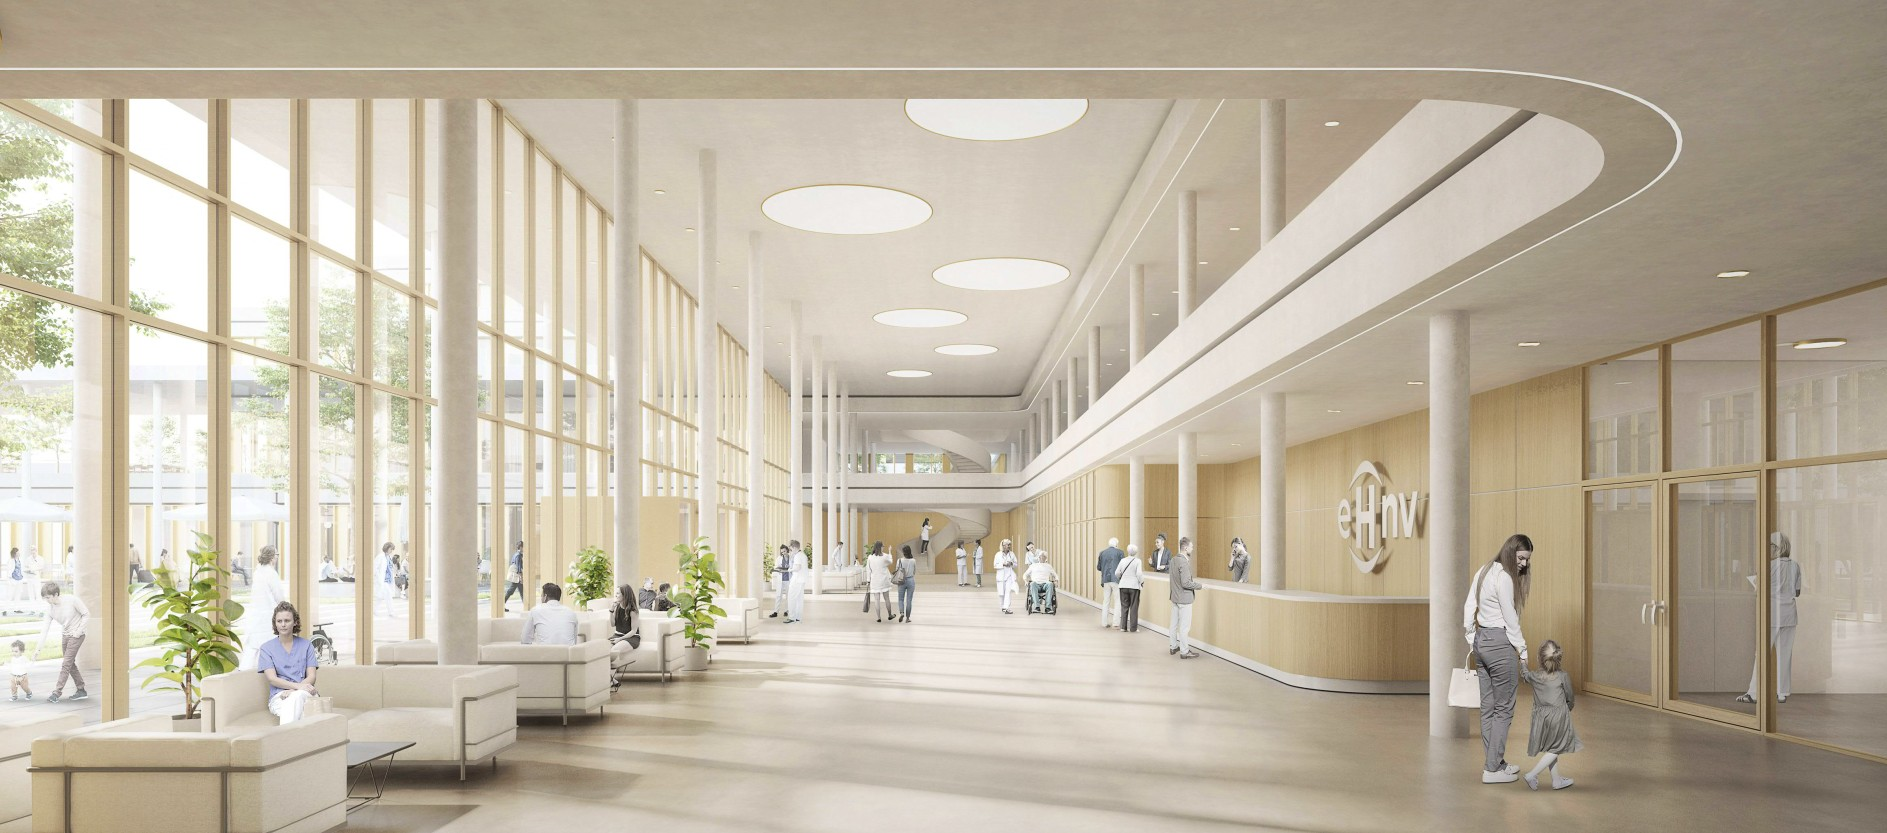 Hôpital Yverdon 4